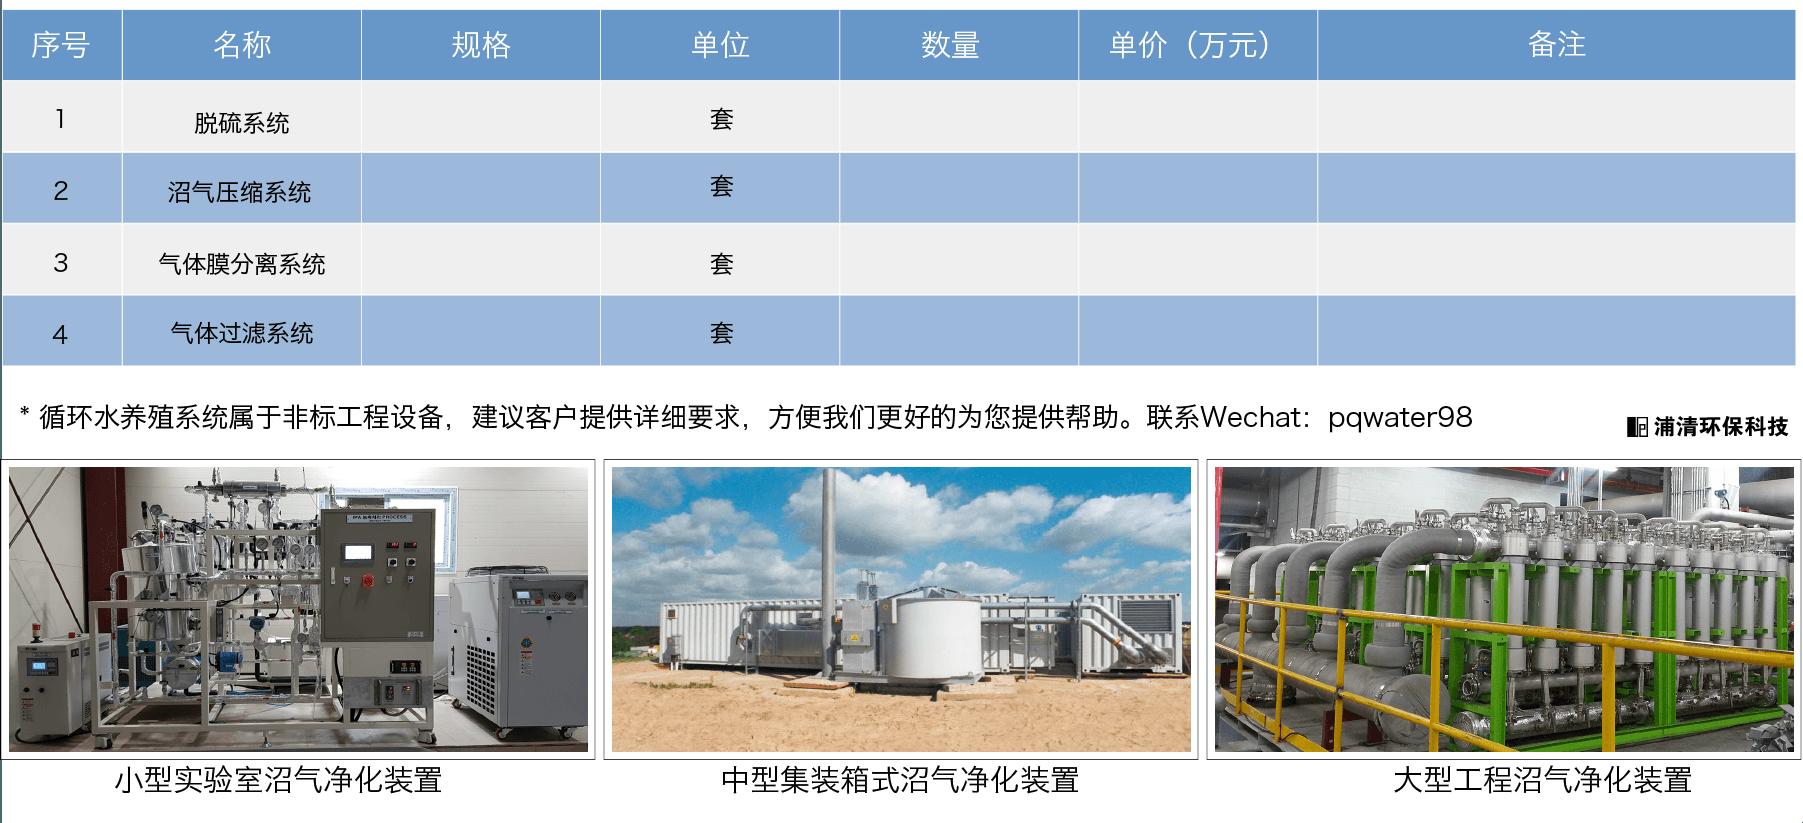 沼气净化膜分离系统设备选择参考